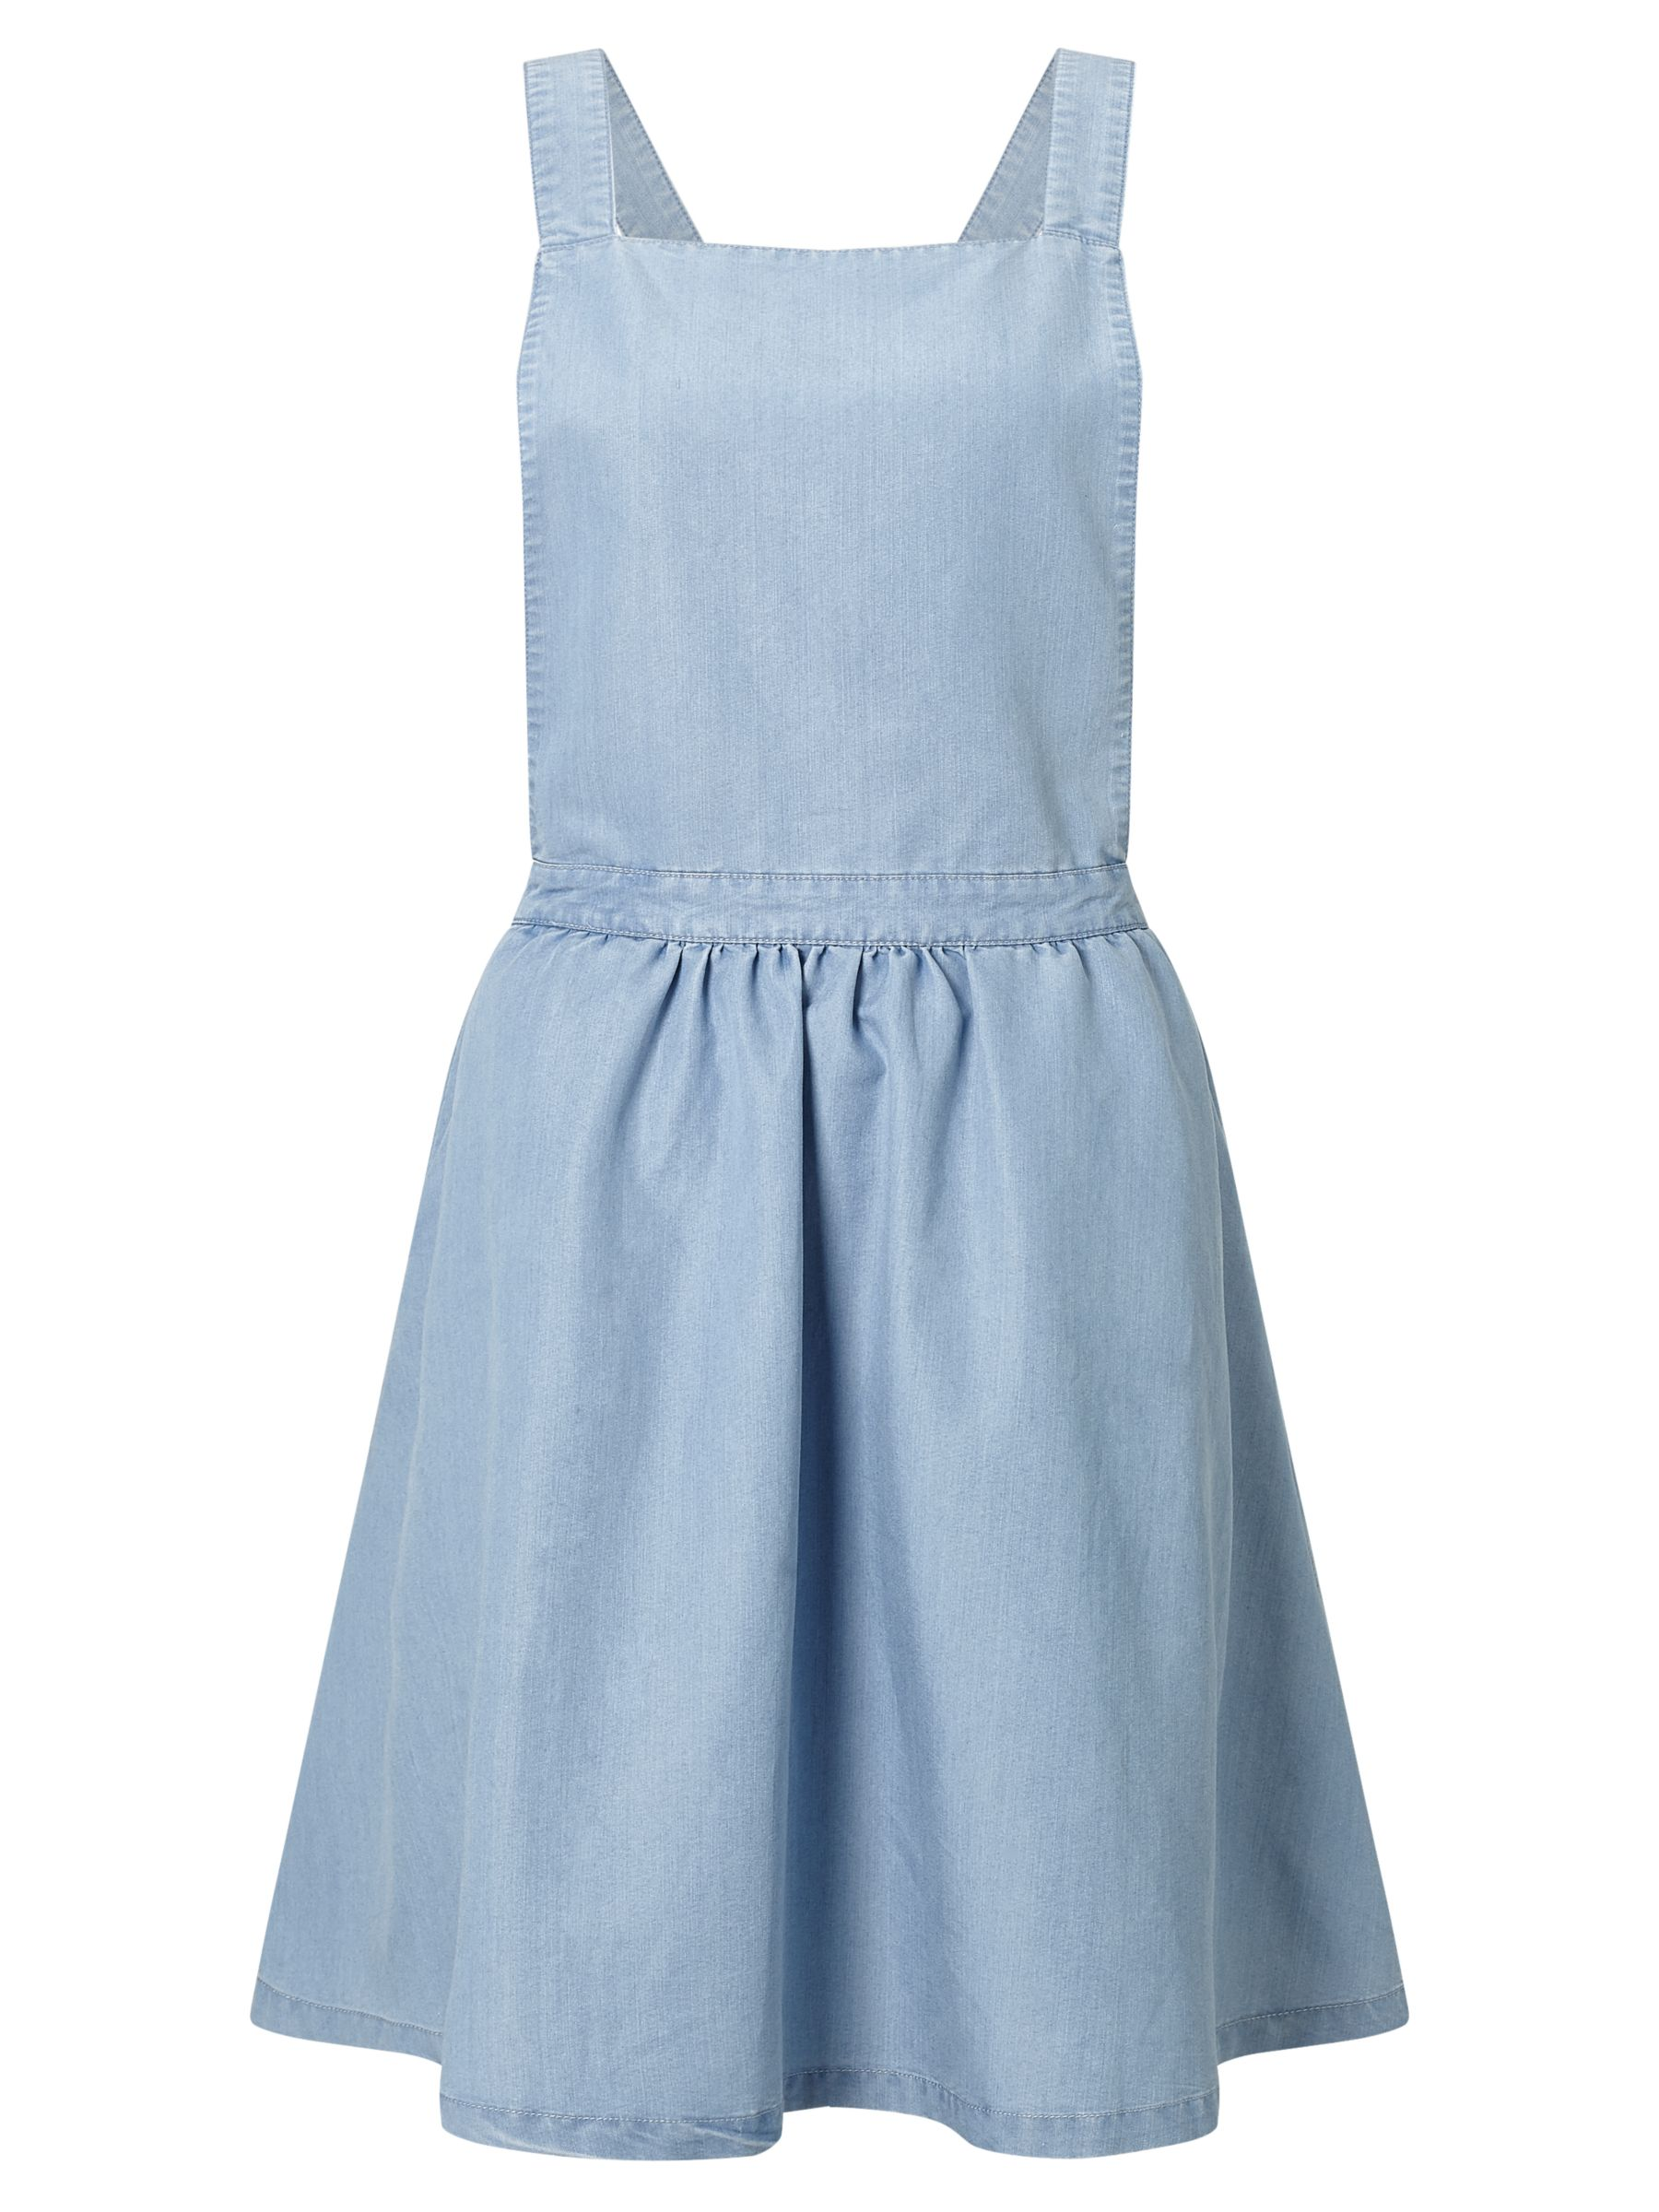 Minimum Minimum Inger Apron Dress, Light Blue